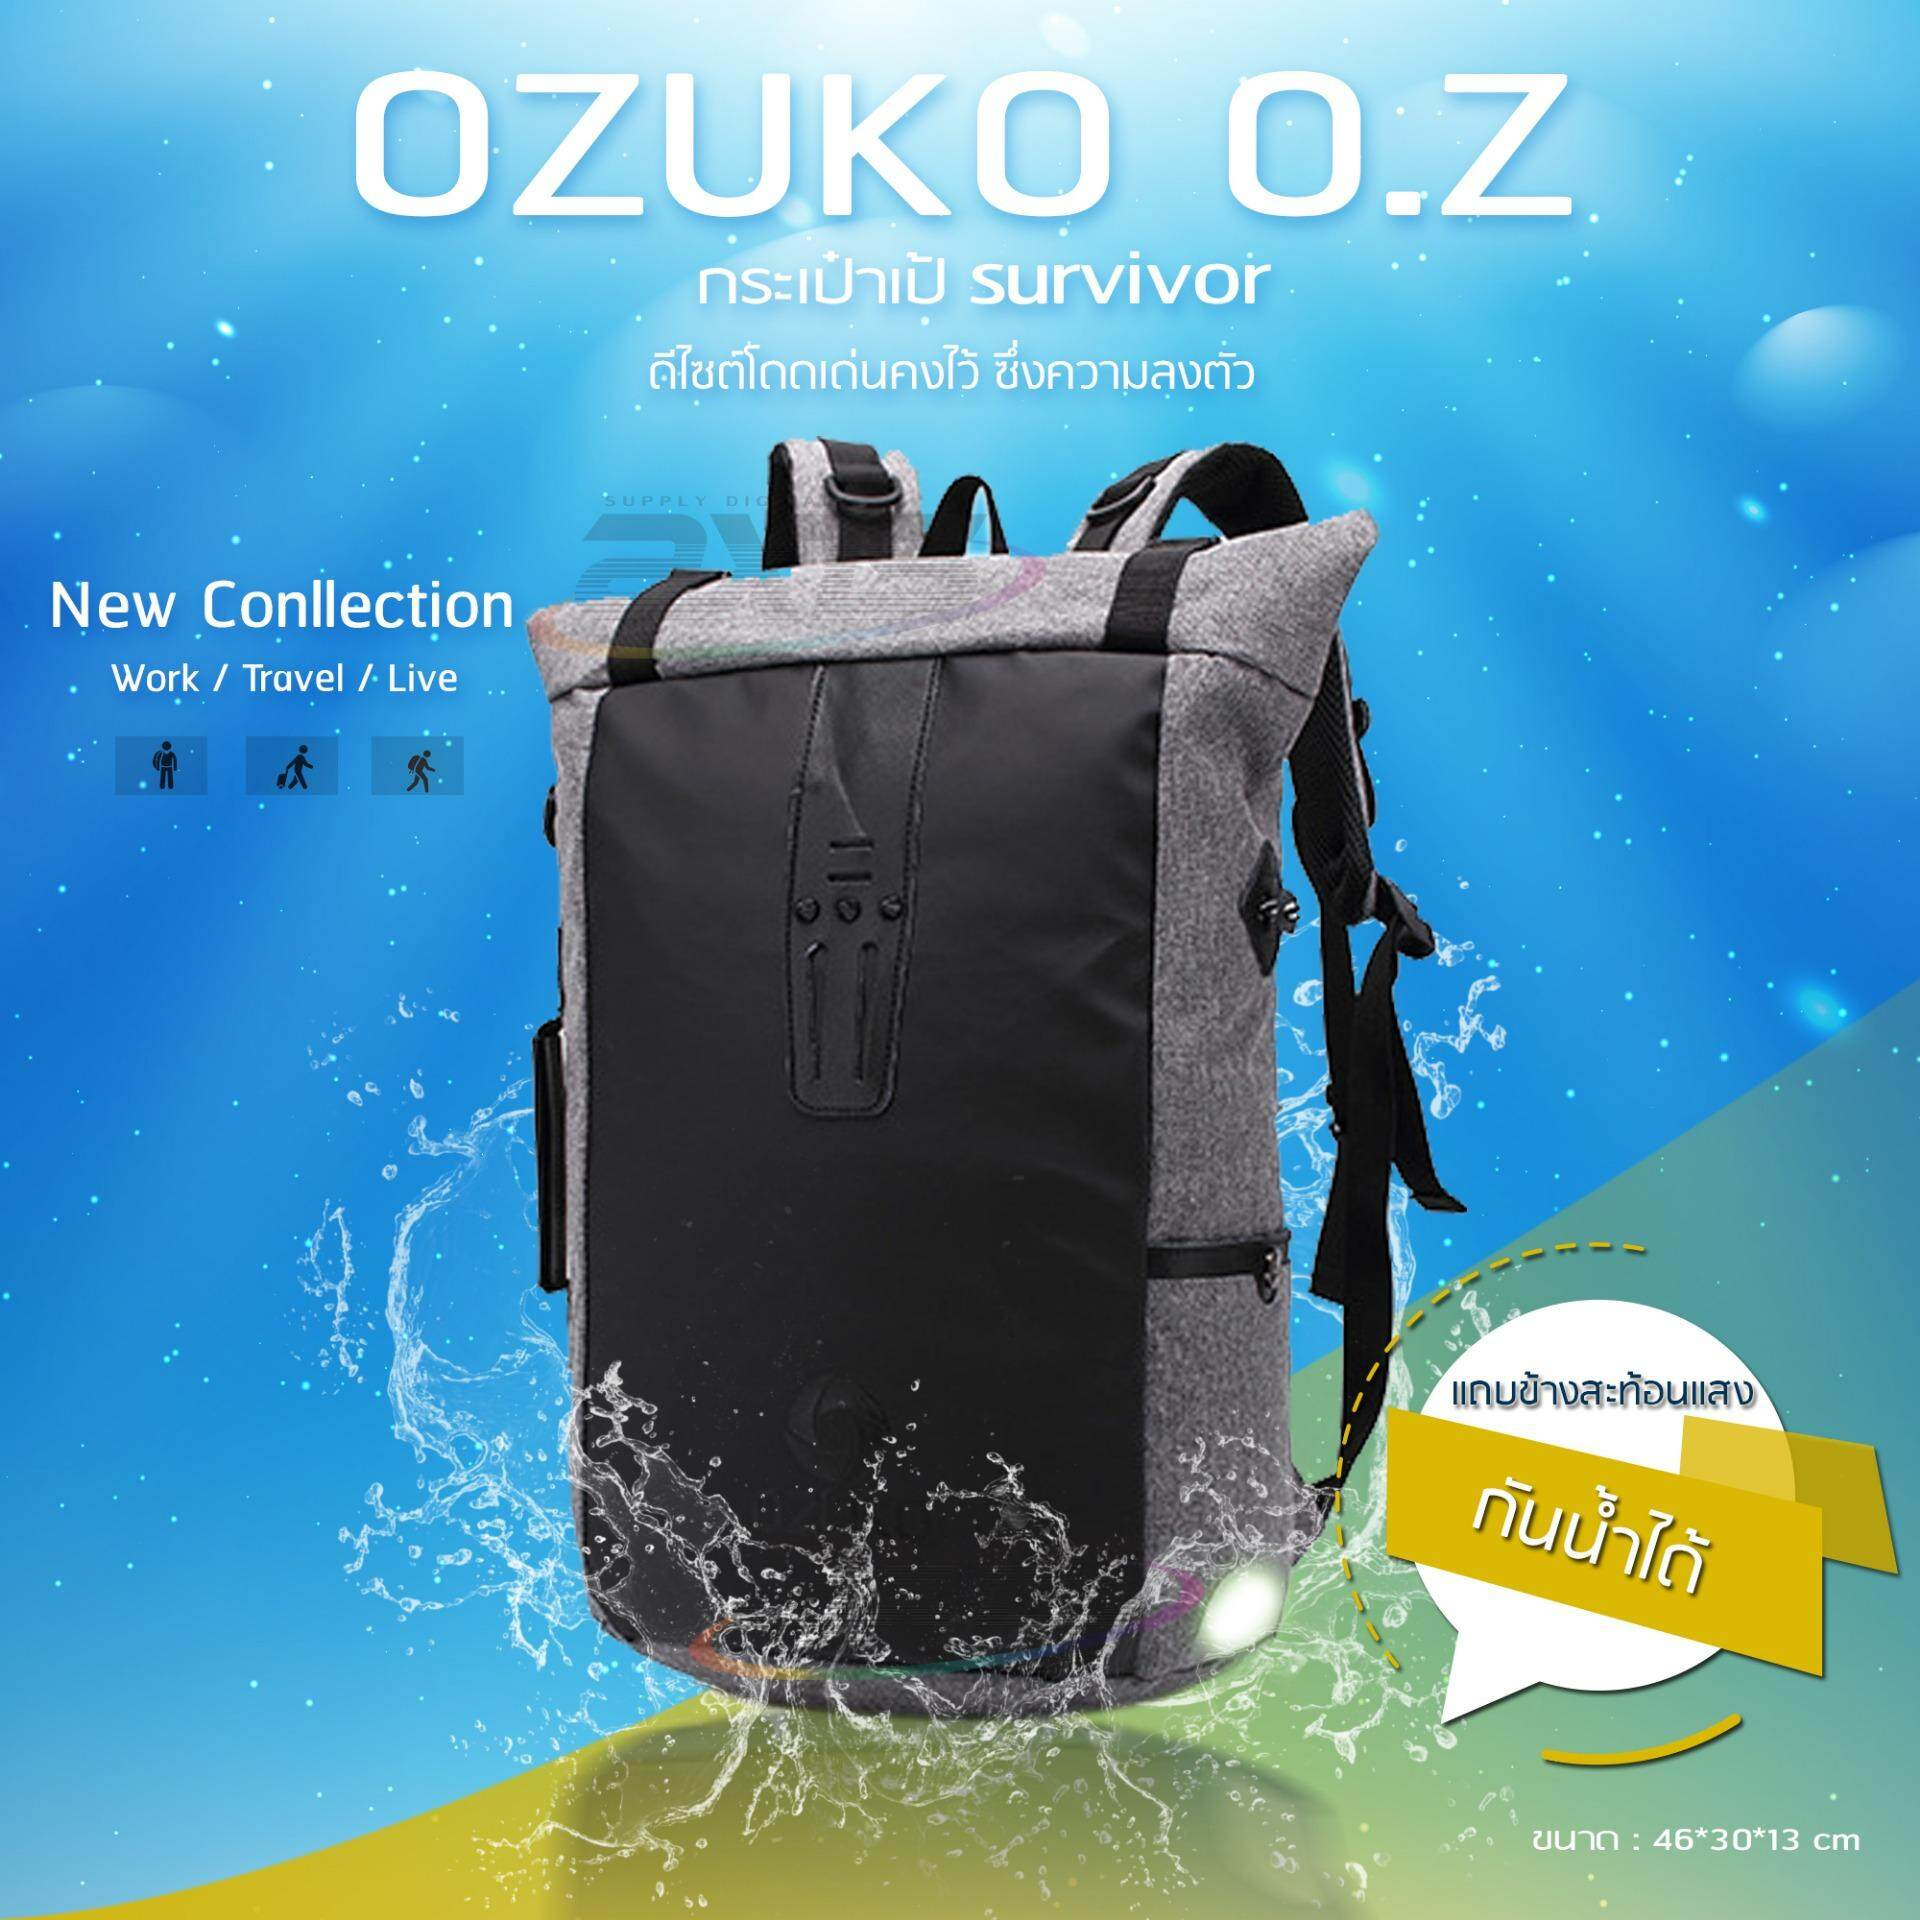 ขาย Ozuko Backpack รุ่น Oz กระเป๋า Biker สุดเท่ กระเป๋าเป้แฟชั่น กระเป๋าโน๊ตบุ๊ค เป้สะพายหลัง สีเทา Ozuko ถูก